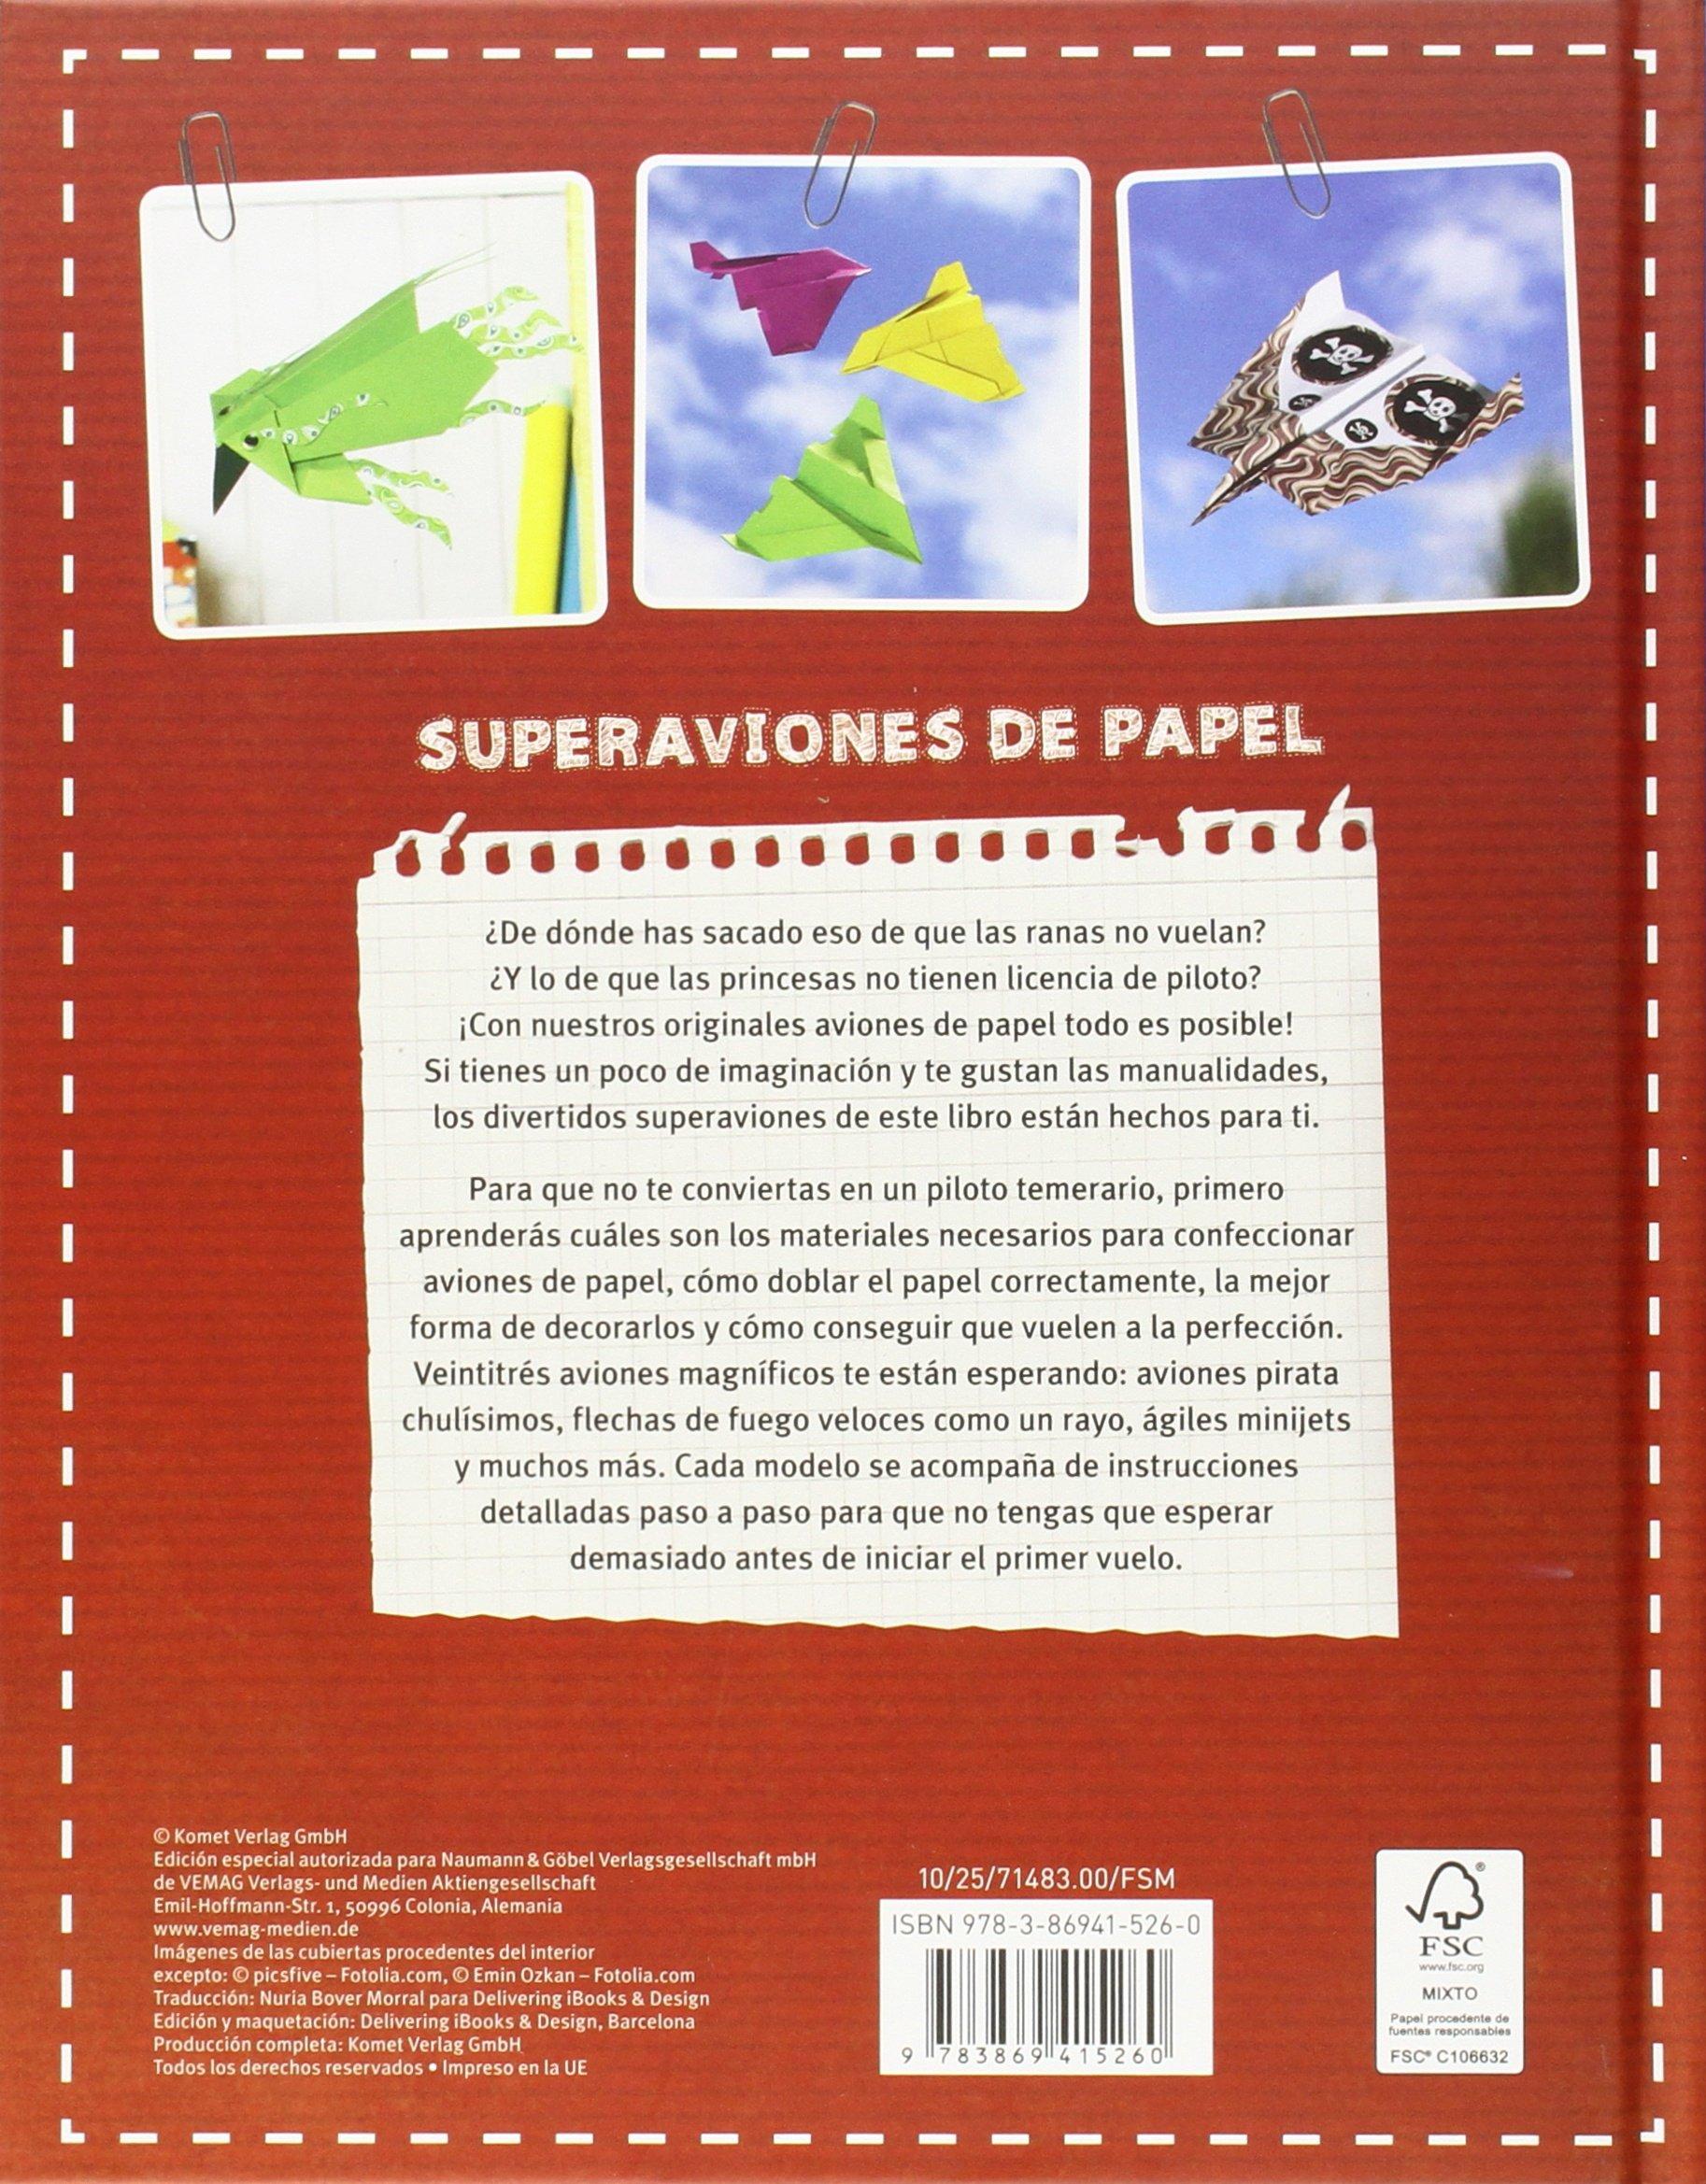 AVIONES DE PAPEL.(EXPERIMENTA DESCUBRE JUEGA): VARIOS: 9783869415260: Amazon.com: Books